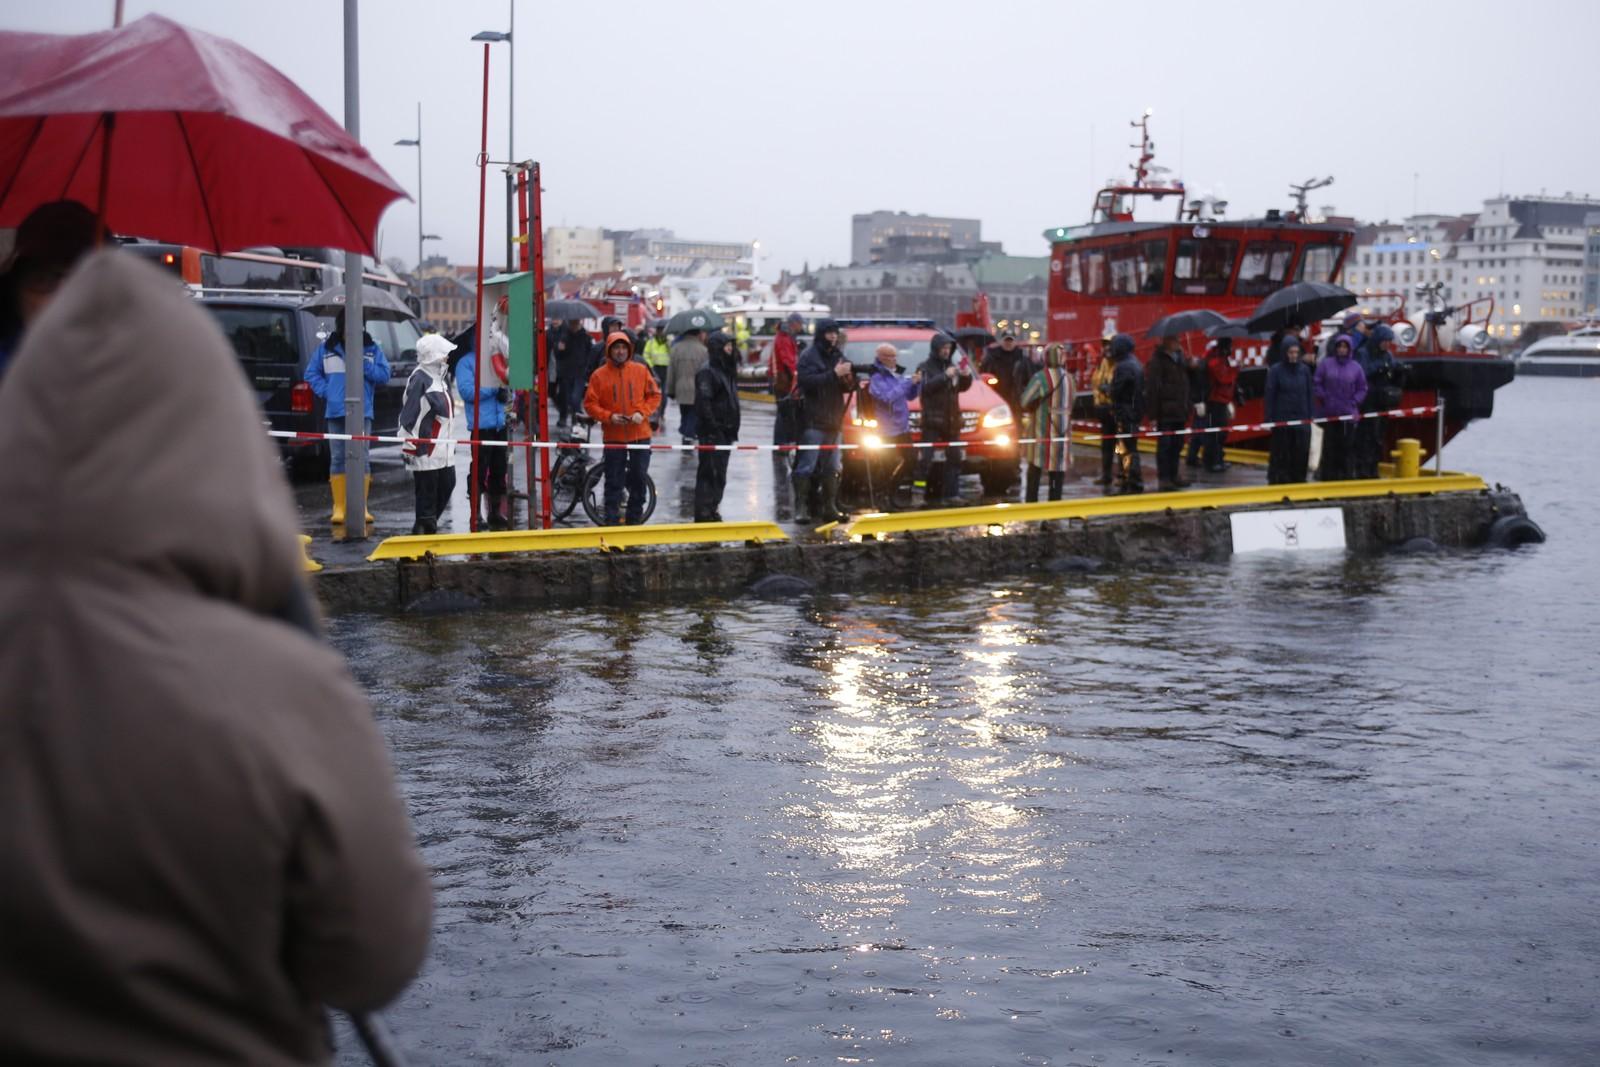 PUBLIKUM: Mange tok turen til Bryggen i Bergen for å se den høye vannstanden.